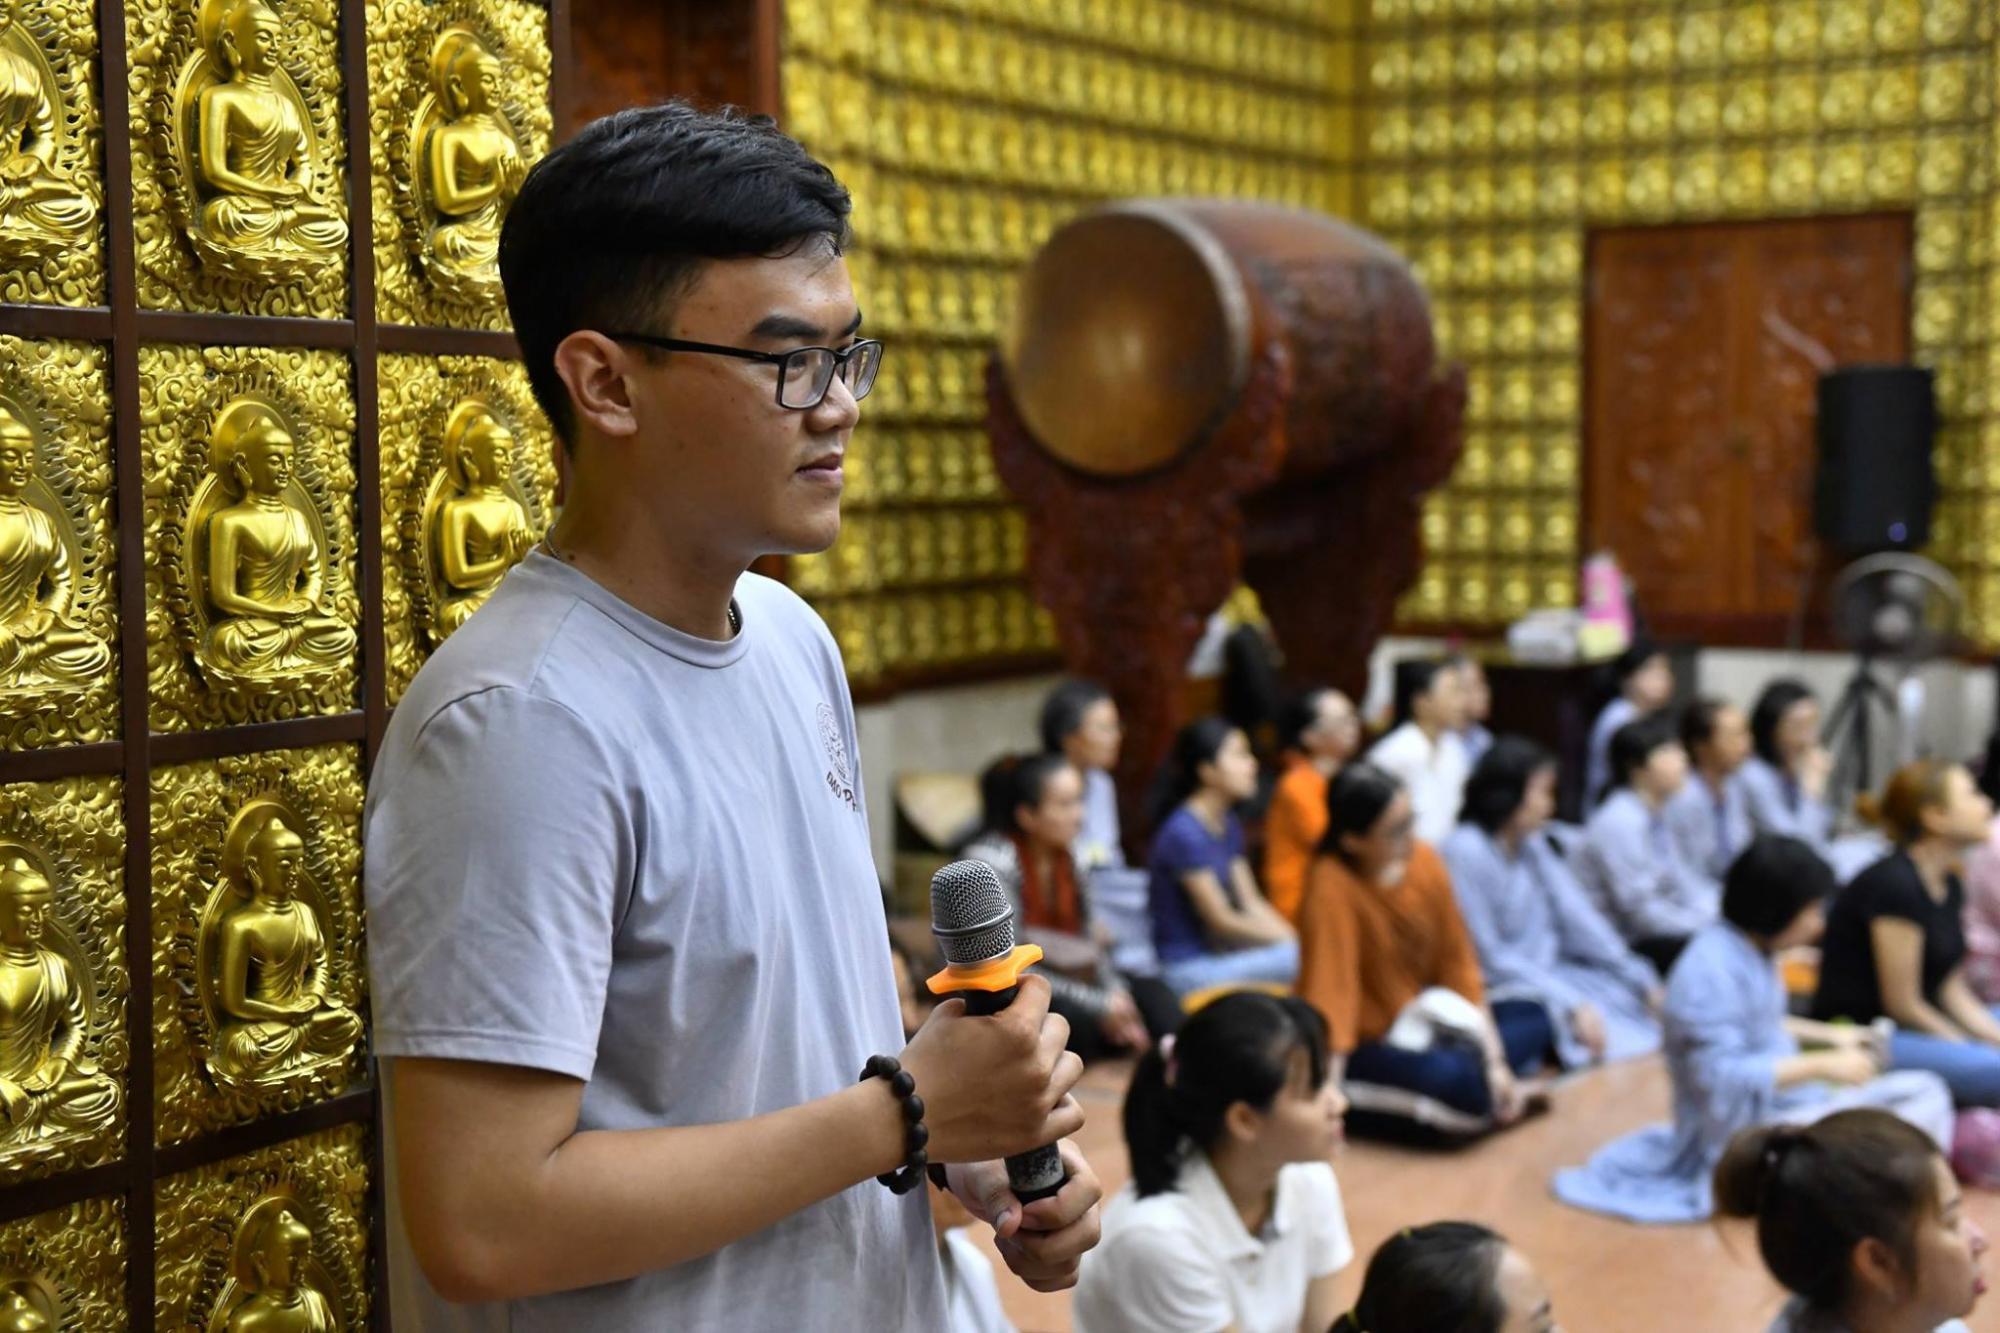 Chùa Giác Ngộ : Khóa Tu Thiền Tứ Niệm Xứ lần thứ 40 (24/03/2019).